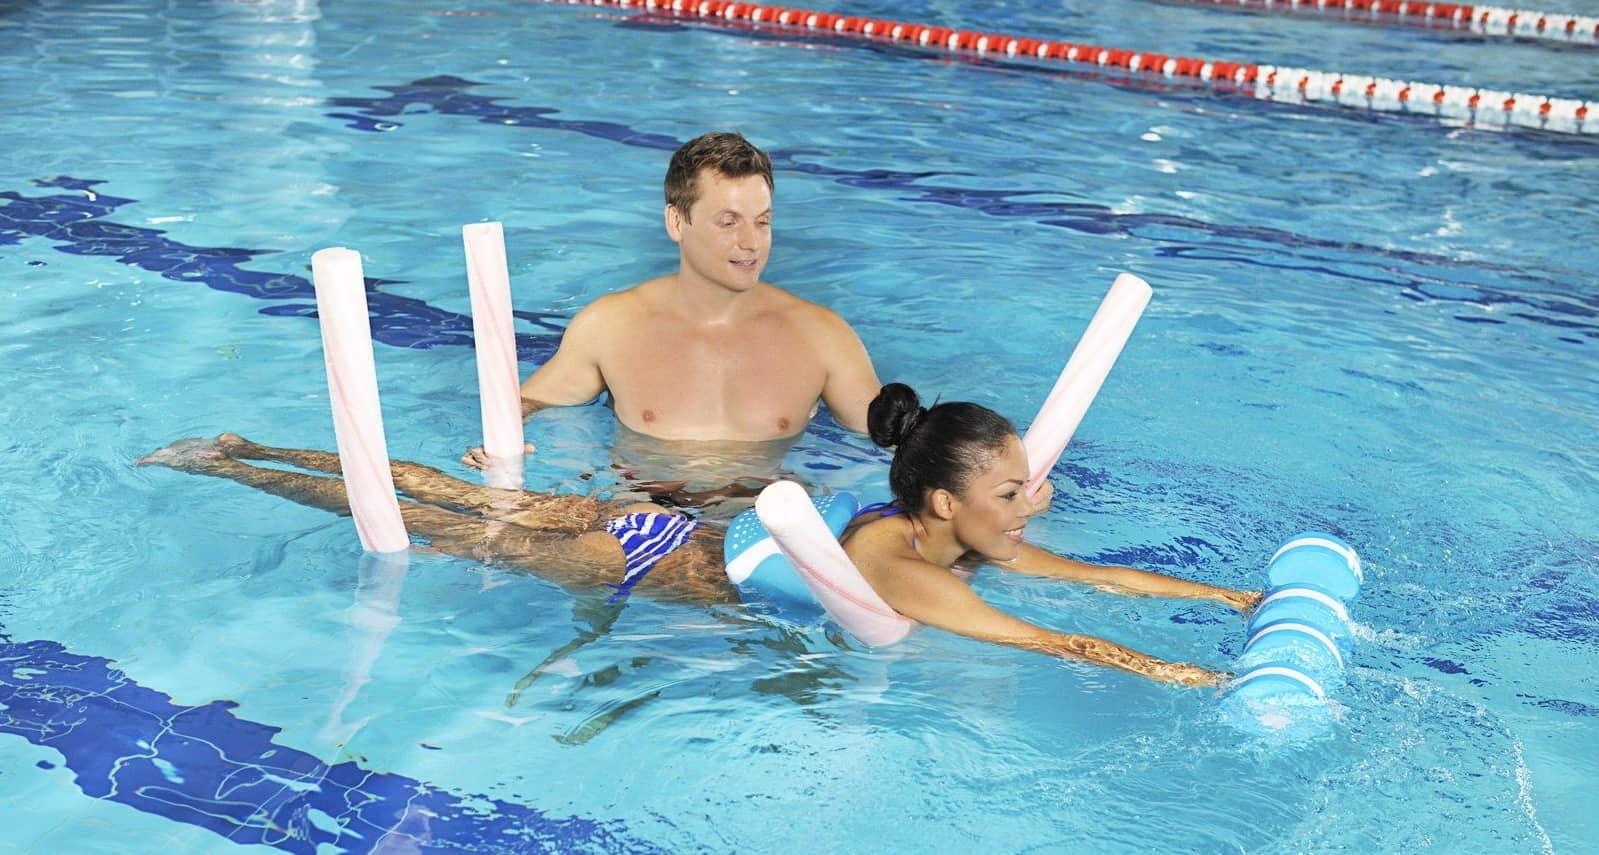 Тренажеры для плавания: виды и особенности